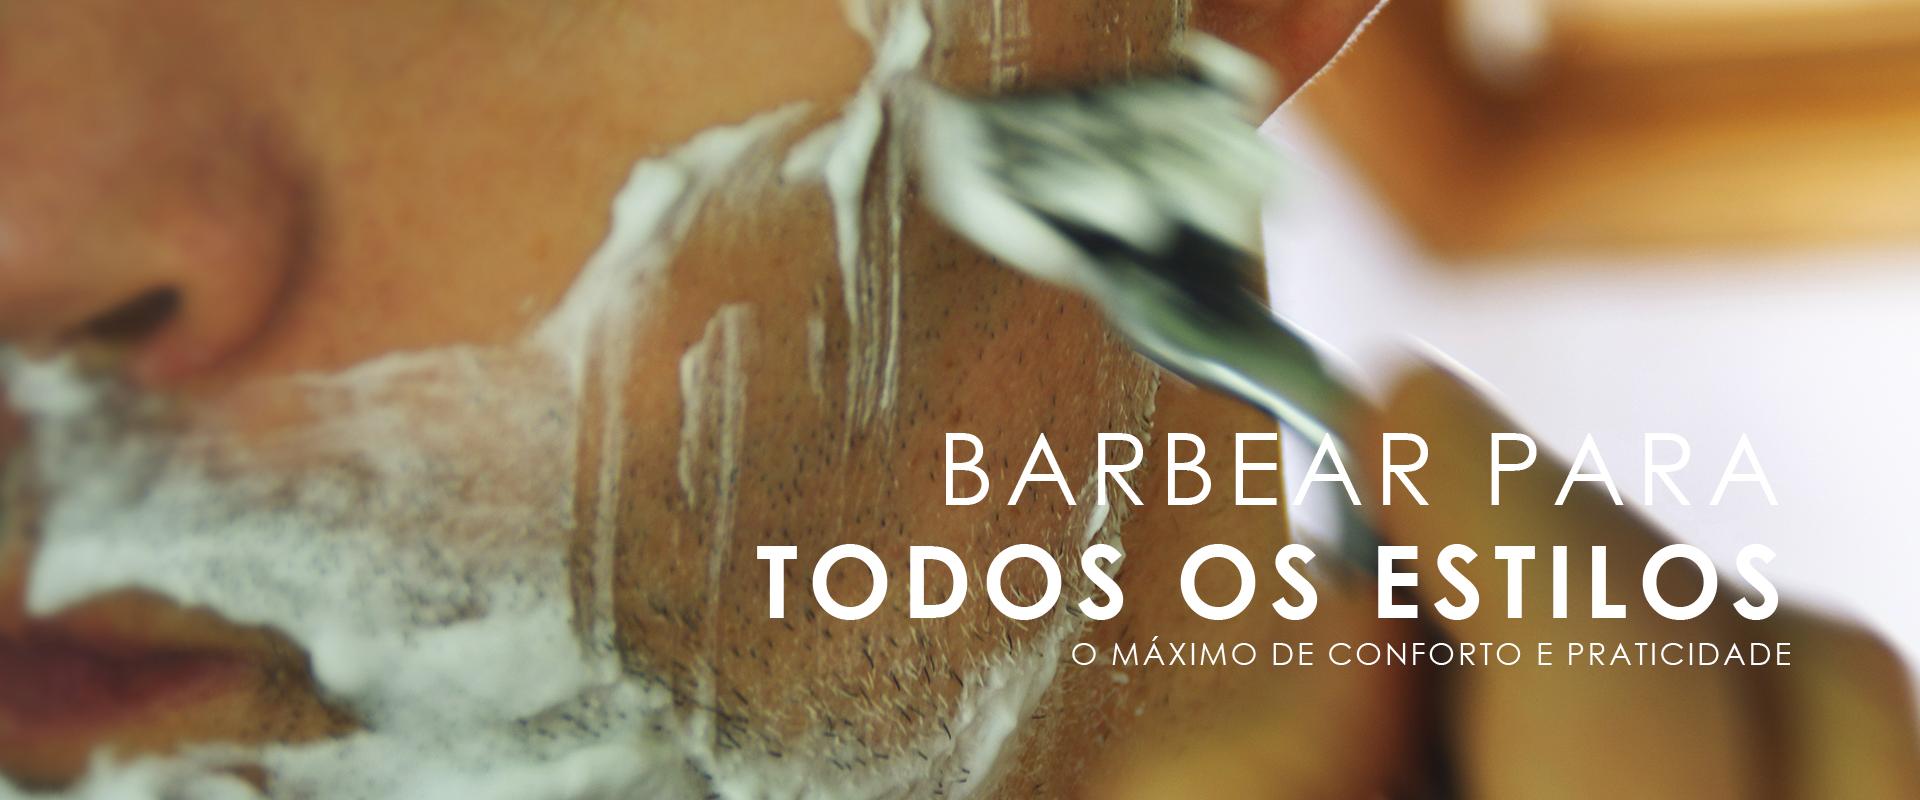 Produtos para barbear